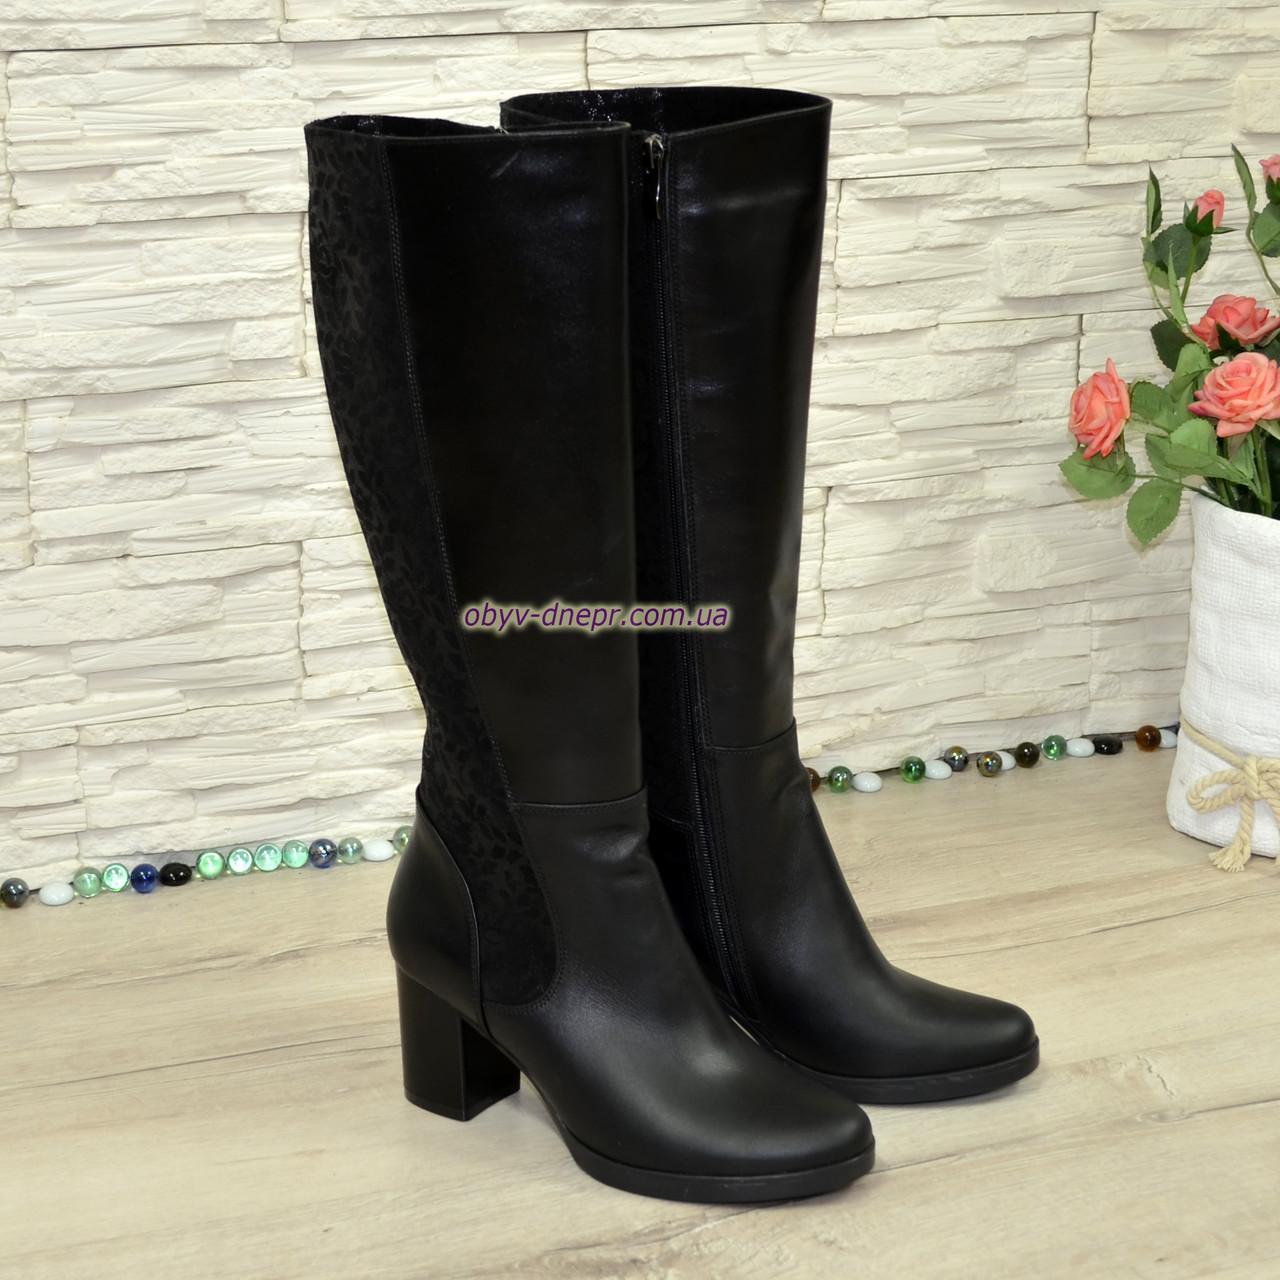 Сапоги зимние женские кожаные на невысоком устойчивом каблуке. 38 размер